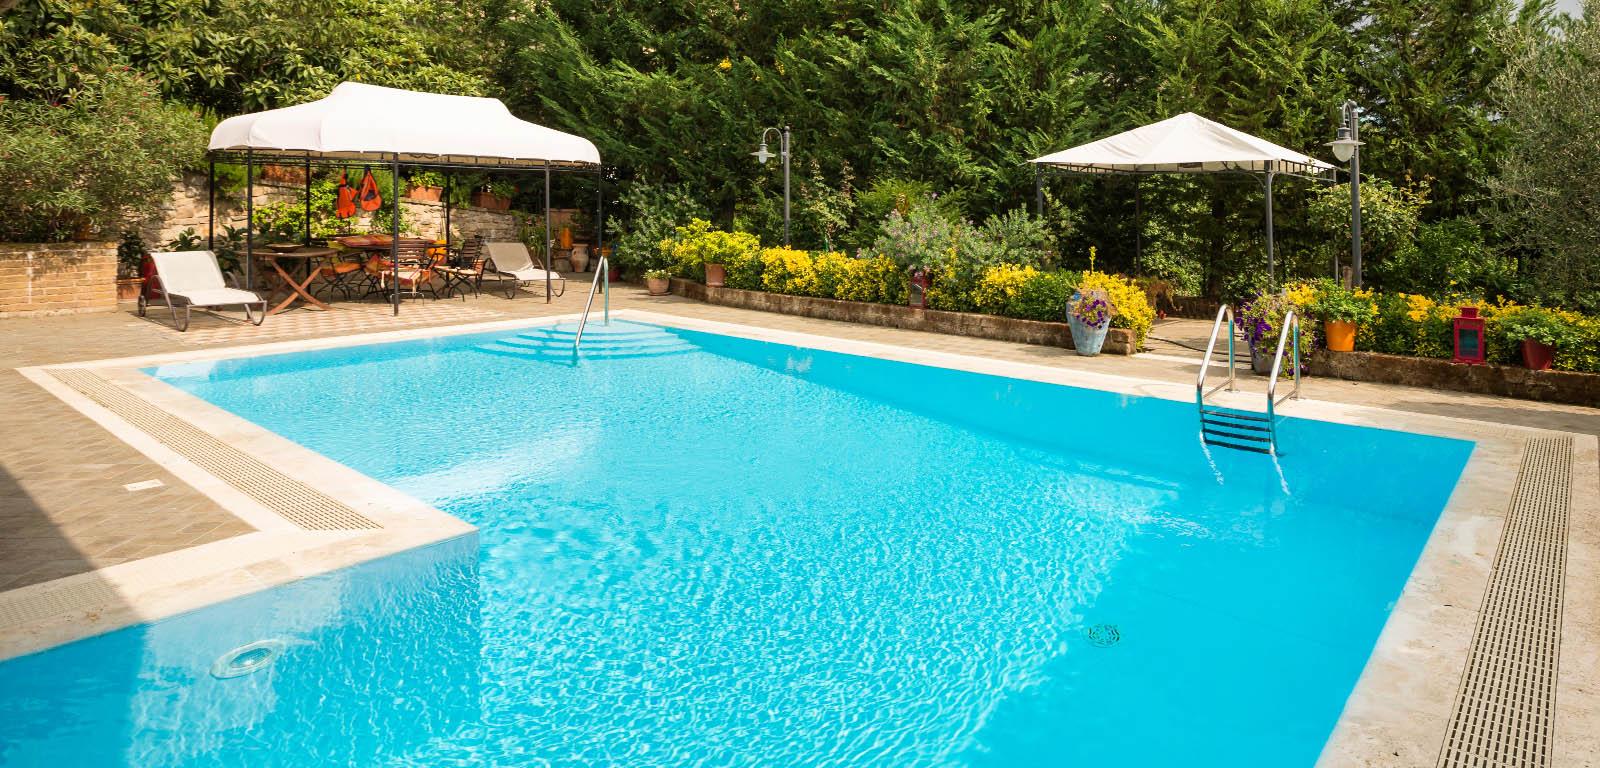 Piscine a sfioro eleganza senza bordo piscine castiglione for Piscine da giardino